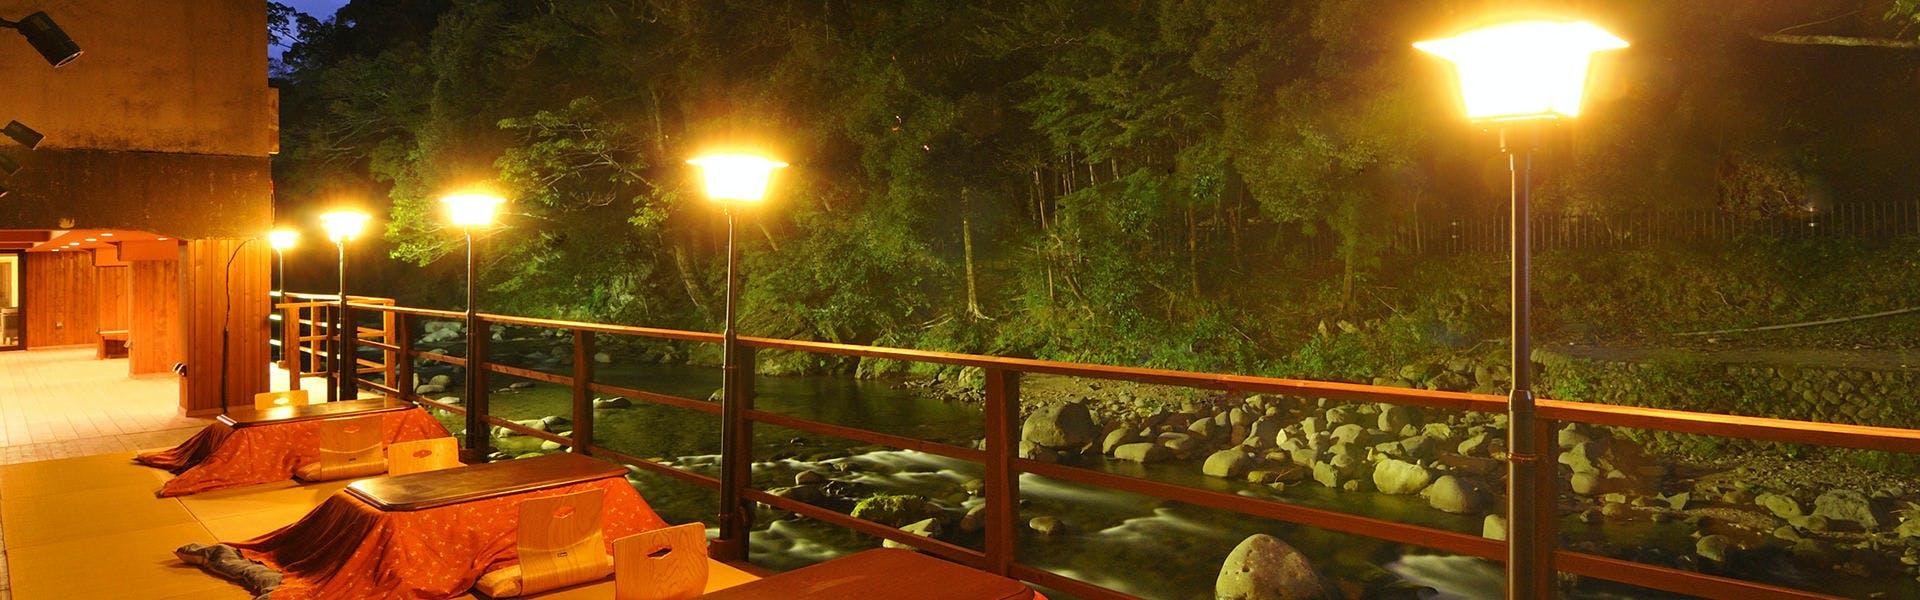 記念日におすすめのホテル・水のみち 風のみち 湯ヶ島 たつたの写真3